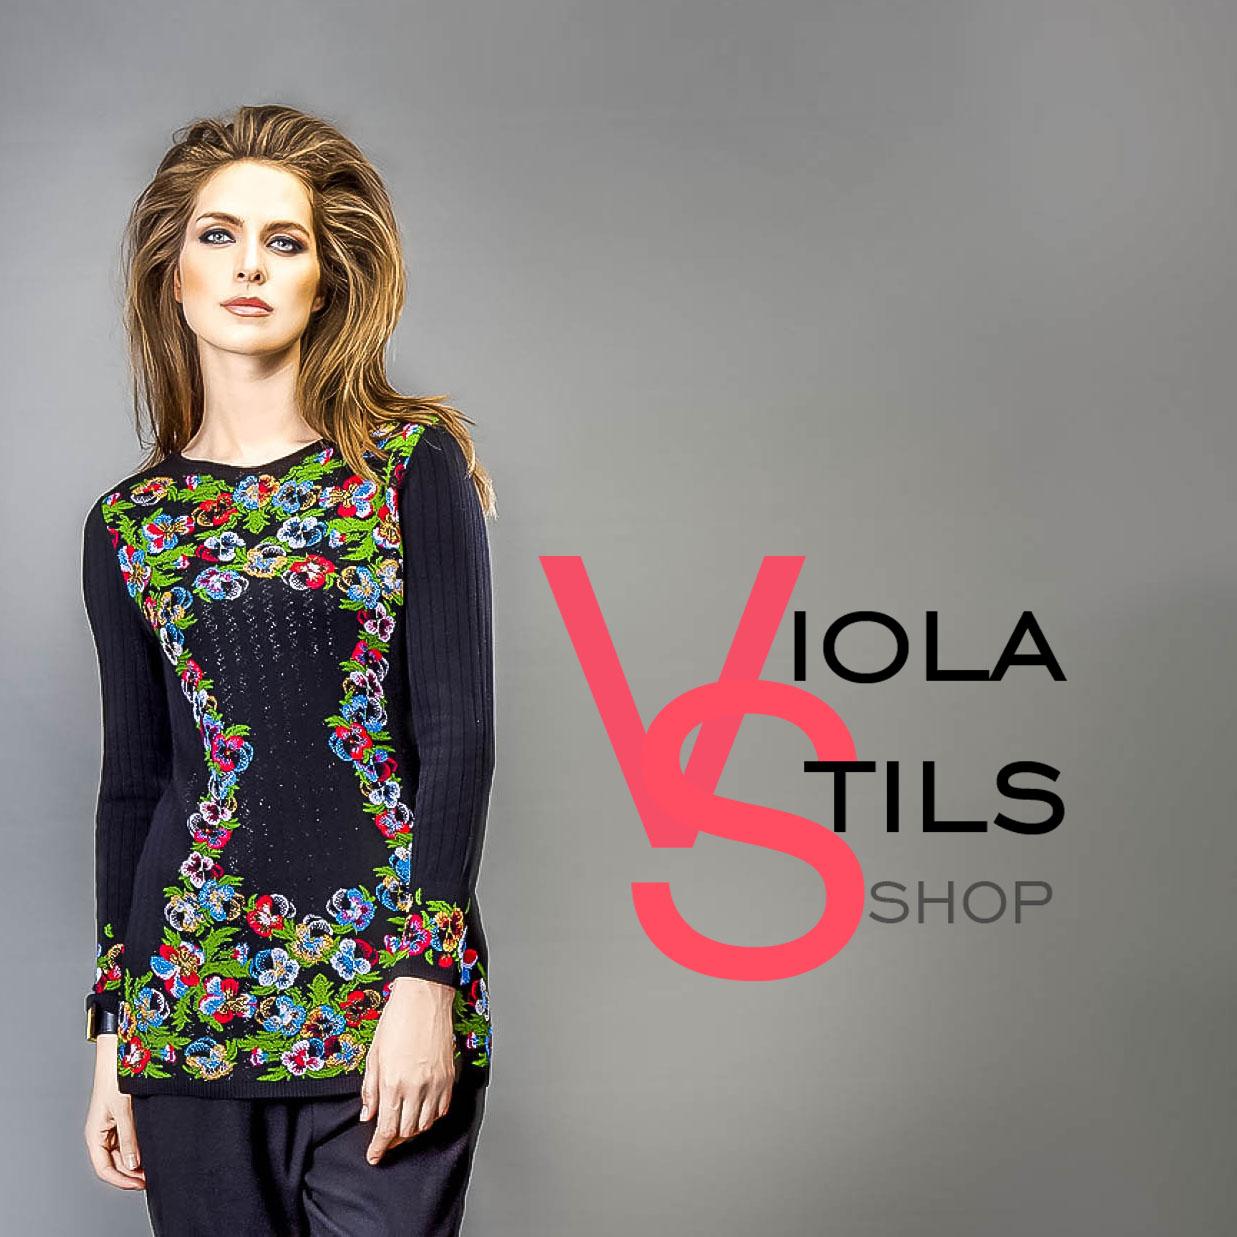 Одежда Из Латвии Виола